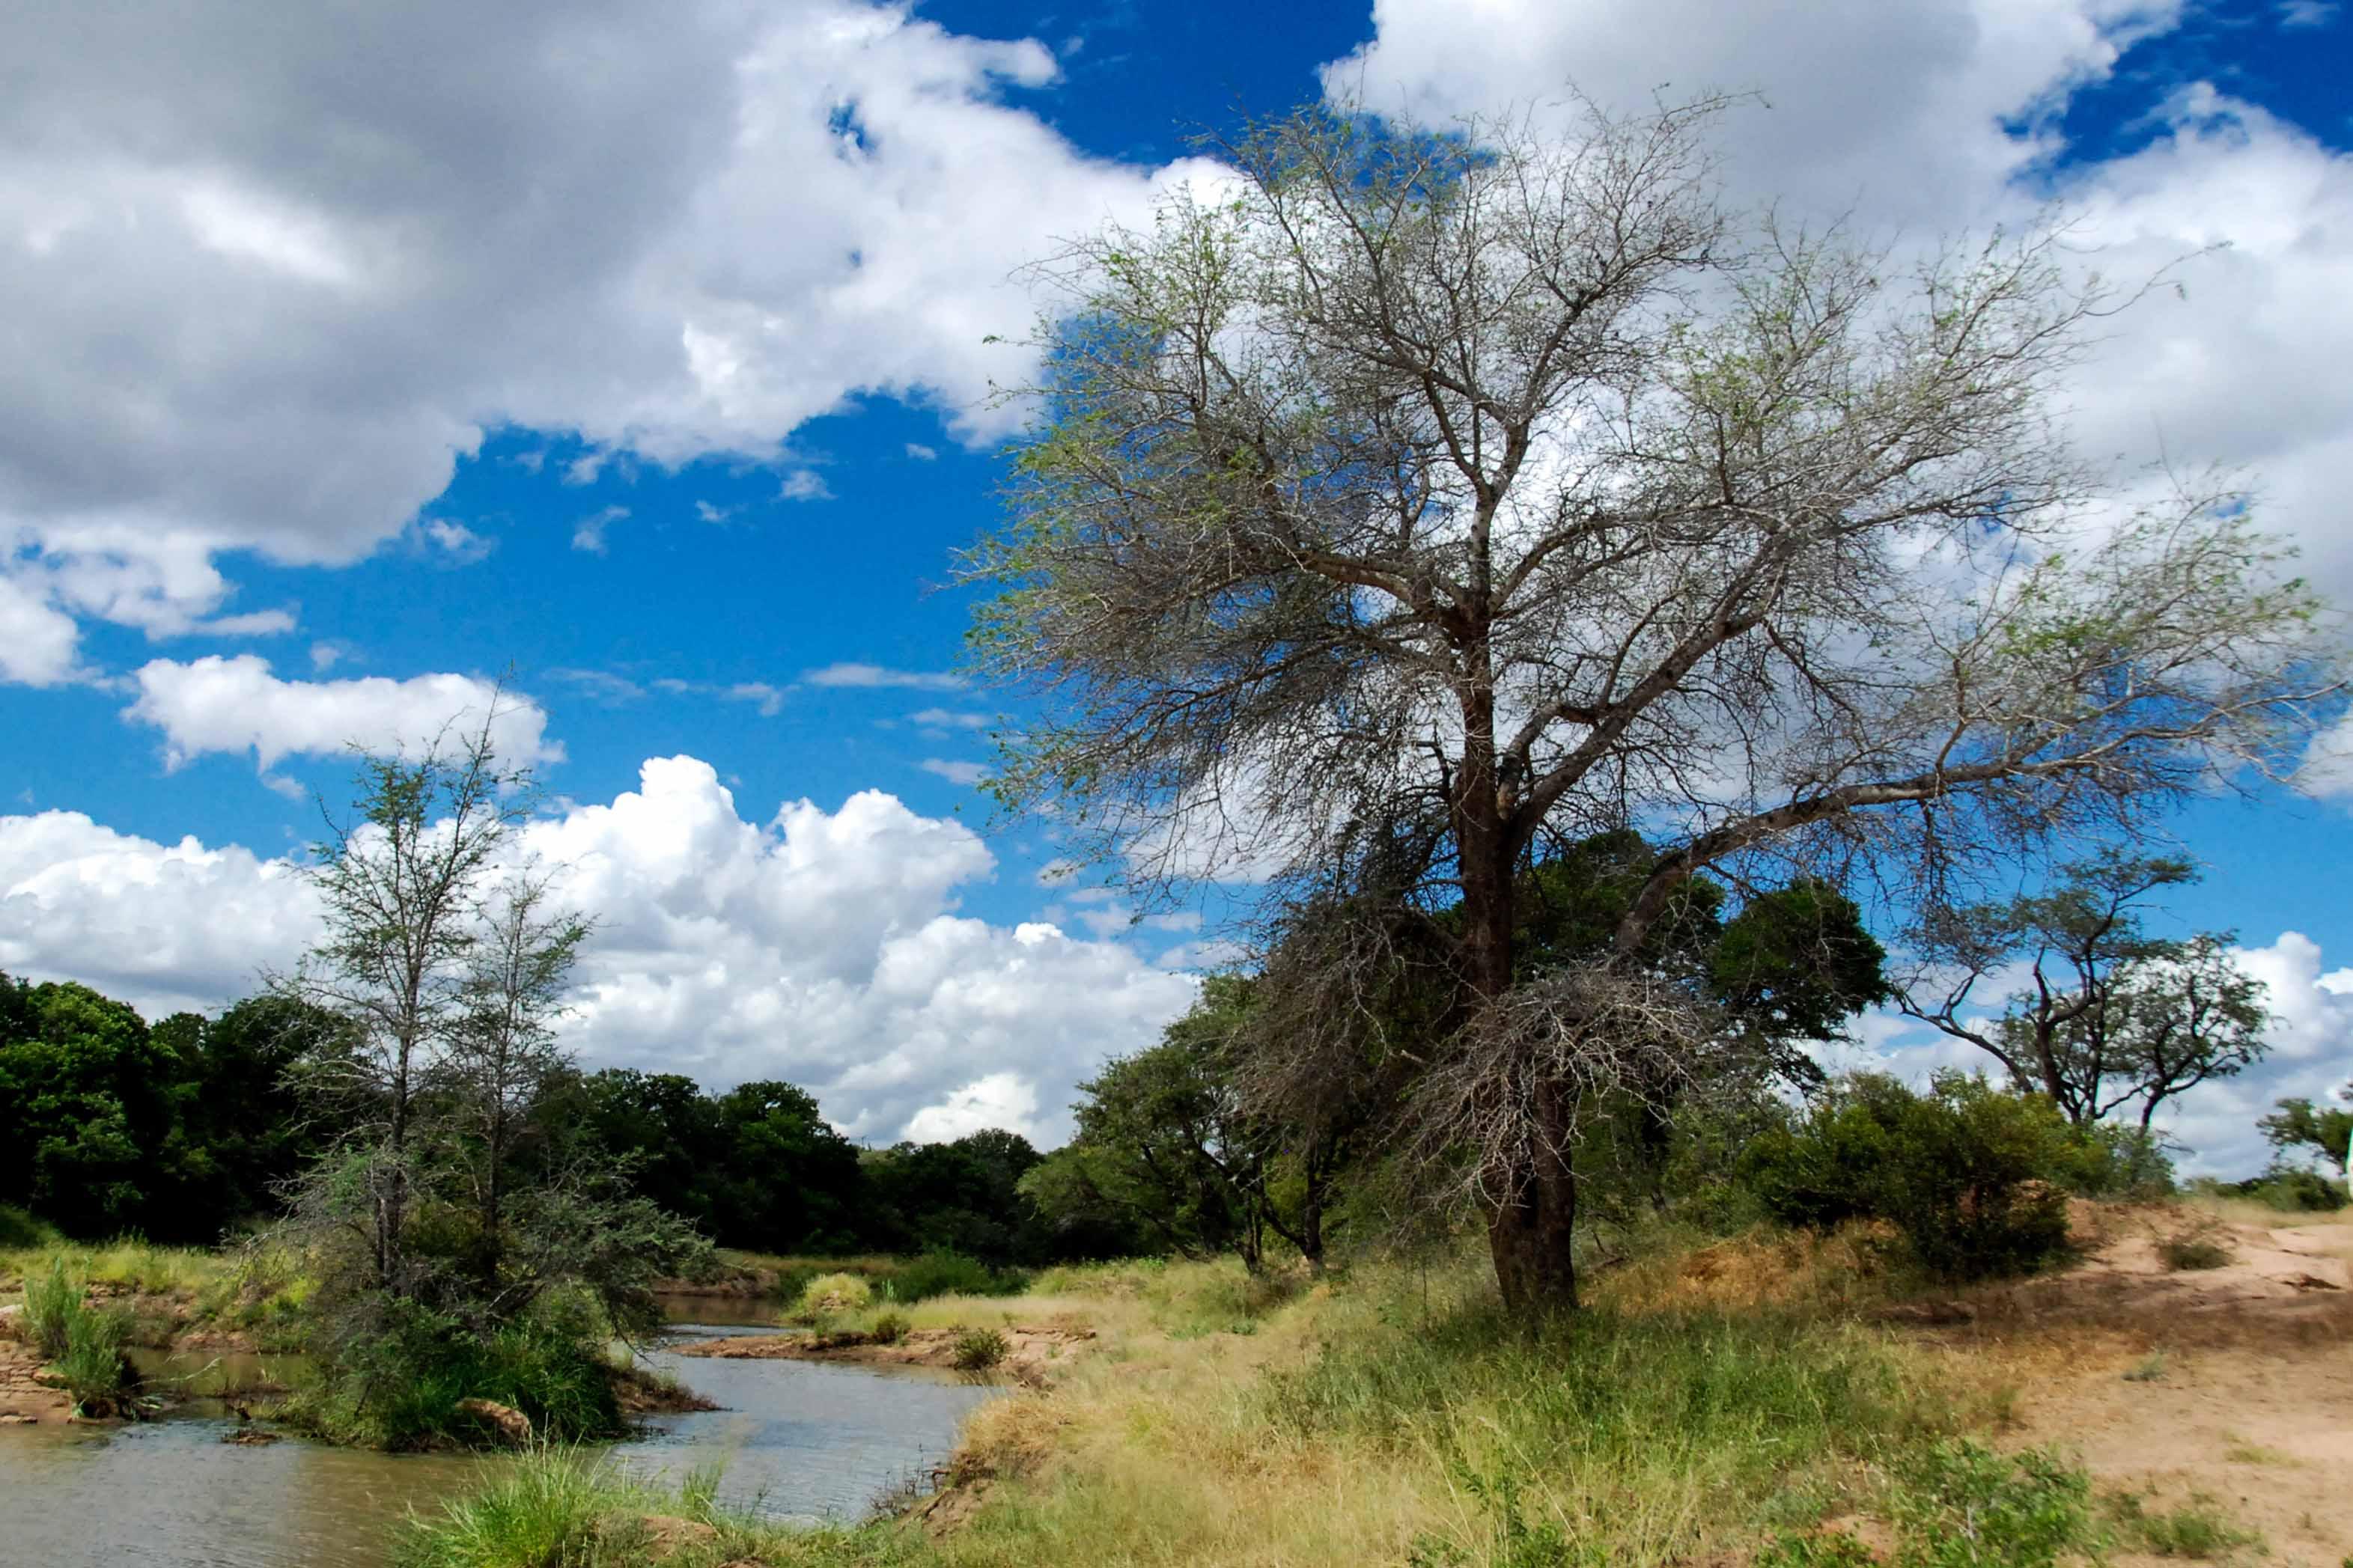 klimaat \u0026 weer in zuid afrika \u0026 krugerpark hele jaar aangenaam?weer en klimaat in hoedspruit zuid afrika